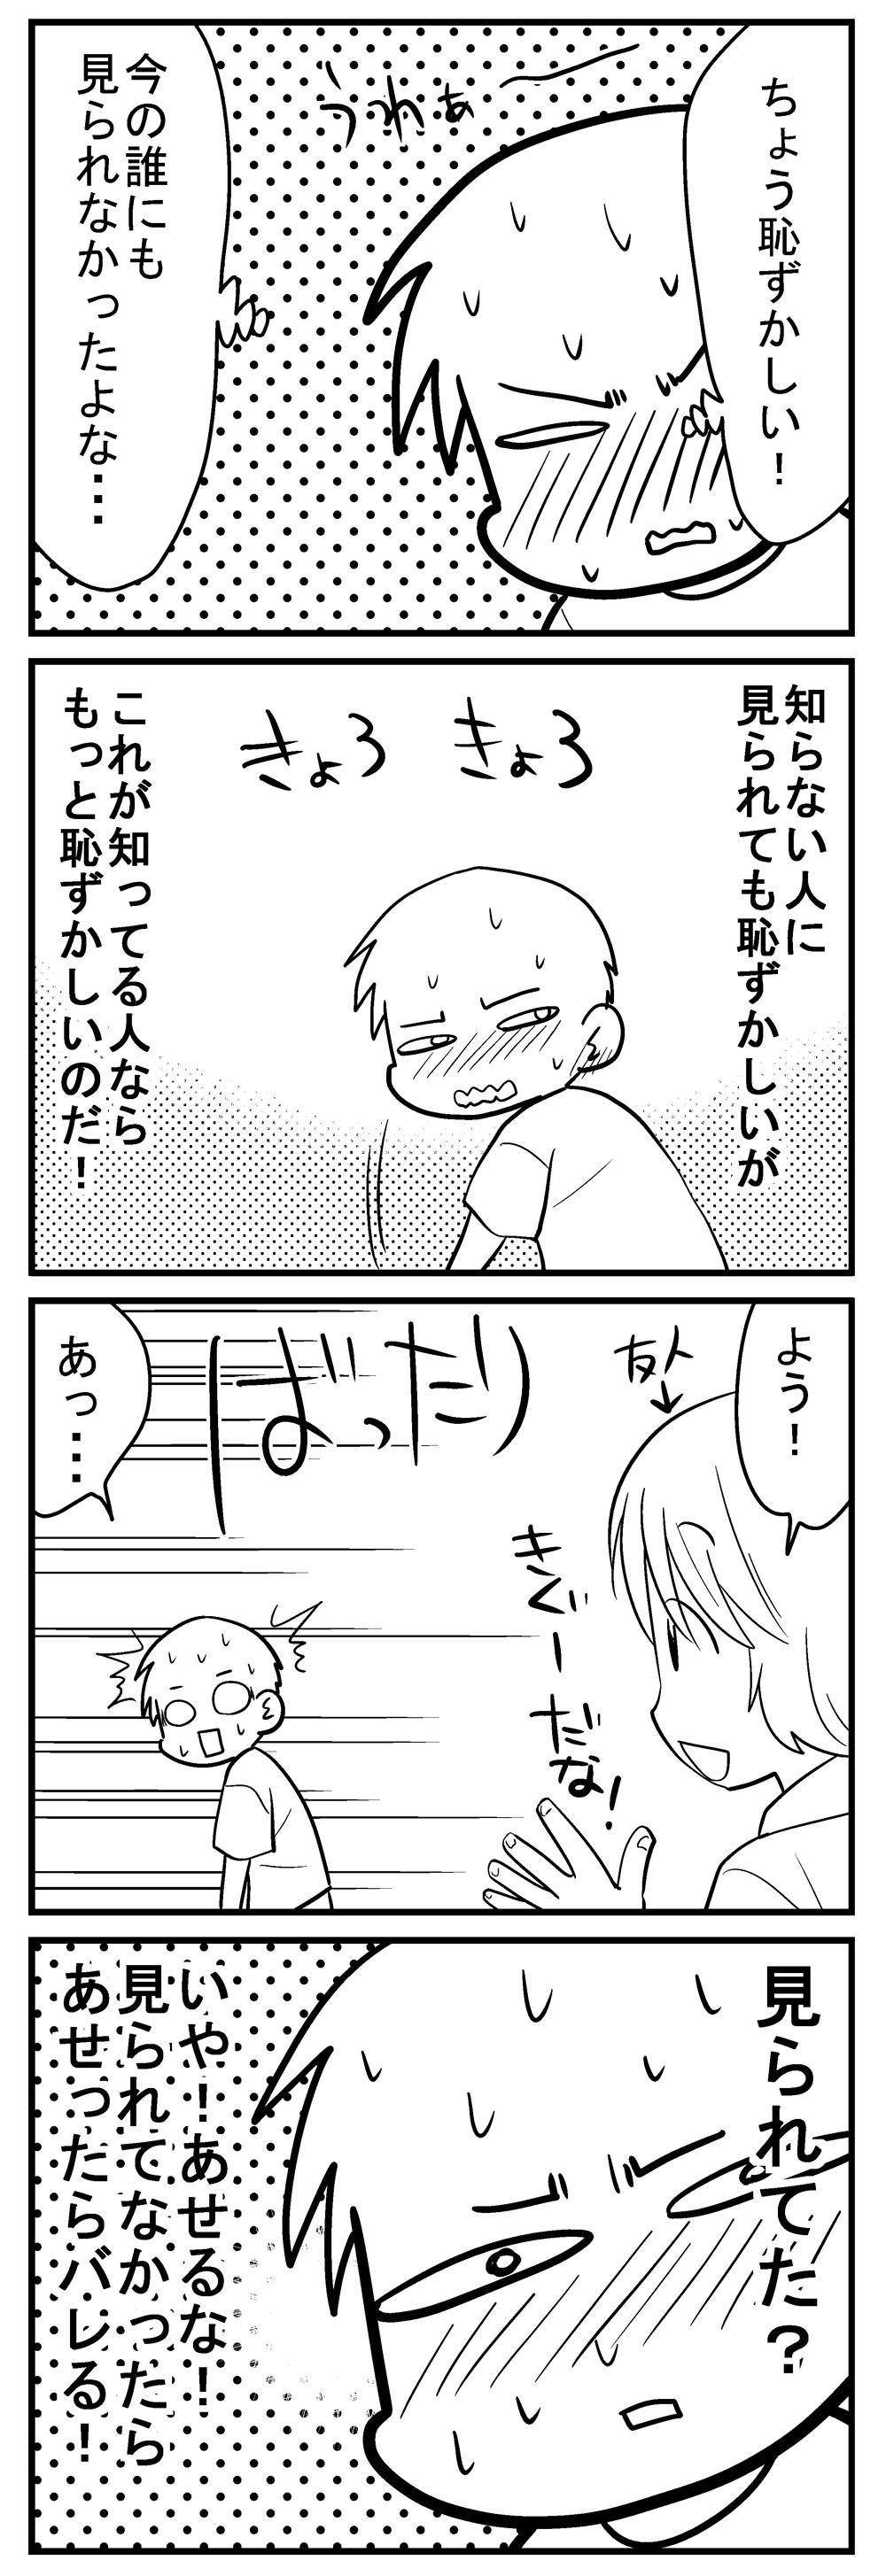 深読みくん62-3